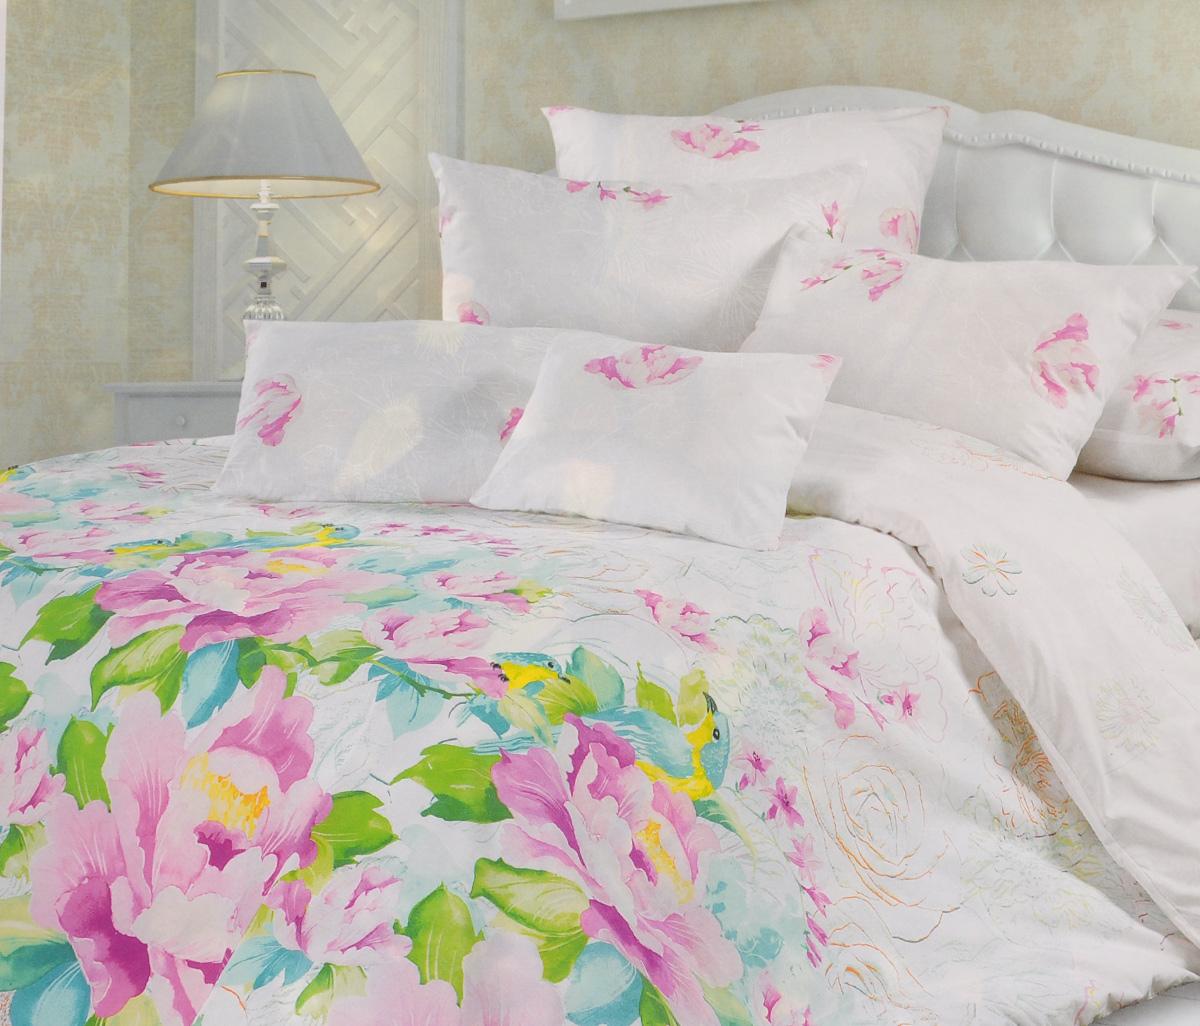 Комплект белья Унисон Парадиз, 2-спальный, наволочки 70х70, цвет: белый, розовый, зеленыйCLP446Комплект постельного белья Унисон Парадиз состоит из пододеяльника, простыни и двух наволочек. Постельное белье оформлено оригинальным ярким изображением цветов. Такой дизайн придется по душе каждому.Белье изготовлено из новой ткани Биоматин, отвечающей всем необходимым нормативным стандартам. Биоматин - это тканьполотняного переплетения, из экологически чистого и натурального 100% хлопка. Неоспоримым плюсом белья из такой ткани является мягкостьи легкость, она прекрасно пропускает воздух, приятна на ощупь и за ней легко ухаживать. При соблюдении рекомендаций по уходу, это белье выдерживает много стирок, не линяети не теряет свою первоначальную прочность. Уникальная ткань обеспечивает легкую глажку.Приобретая комплект постельного белья Унисон Парадиз, вы можете быть уверены в том, что покупка доставит вам ивашим близким удовольствие и подарит максимальный комфорт.